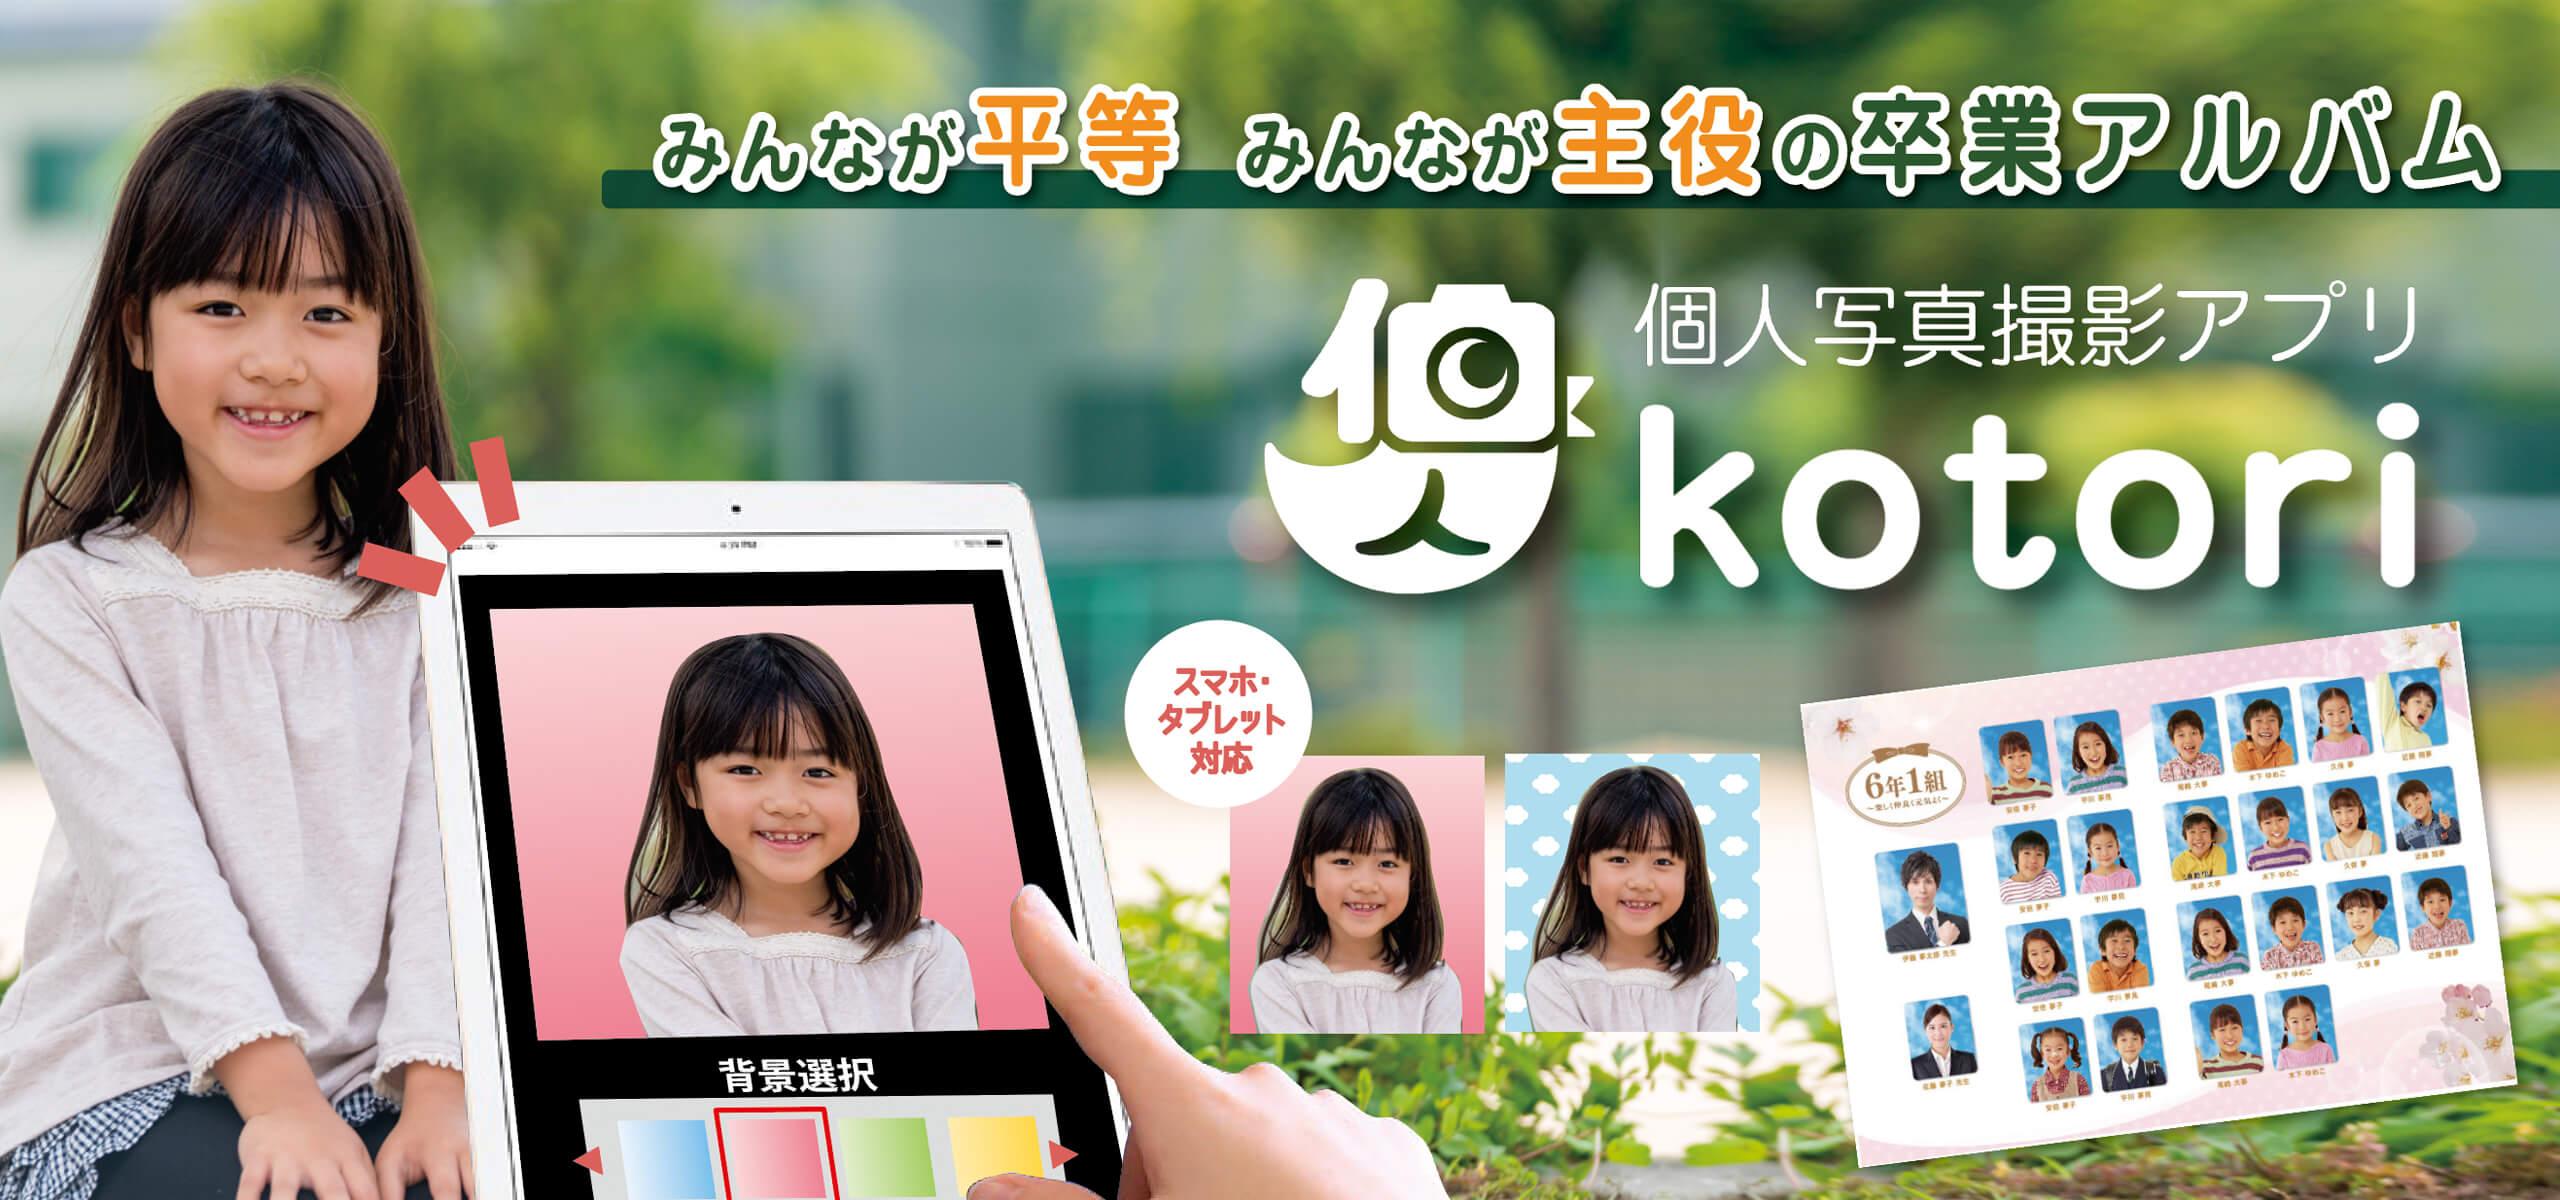 個人写真撮影アプリkotori